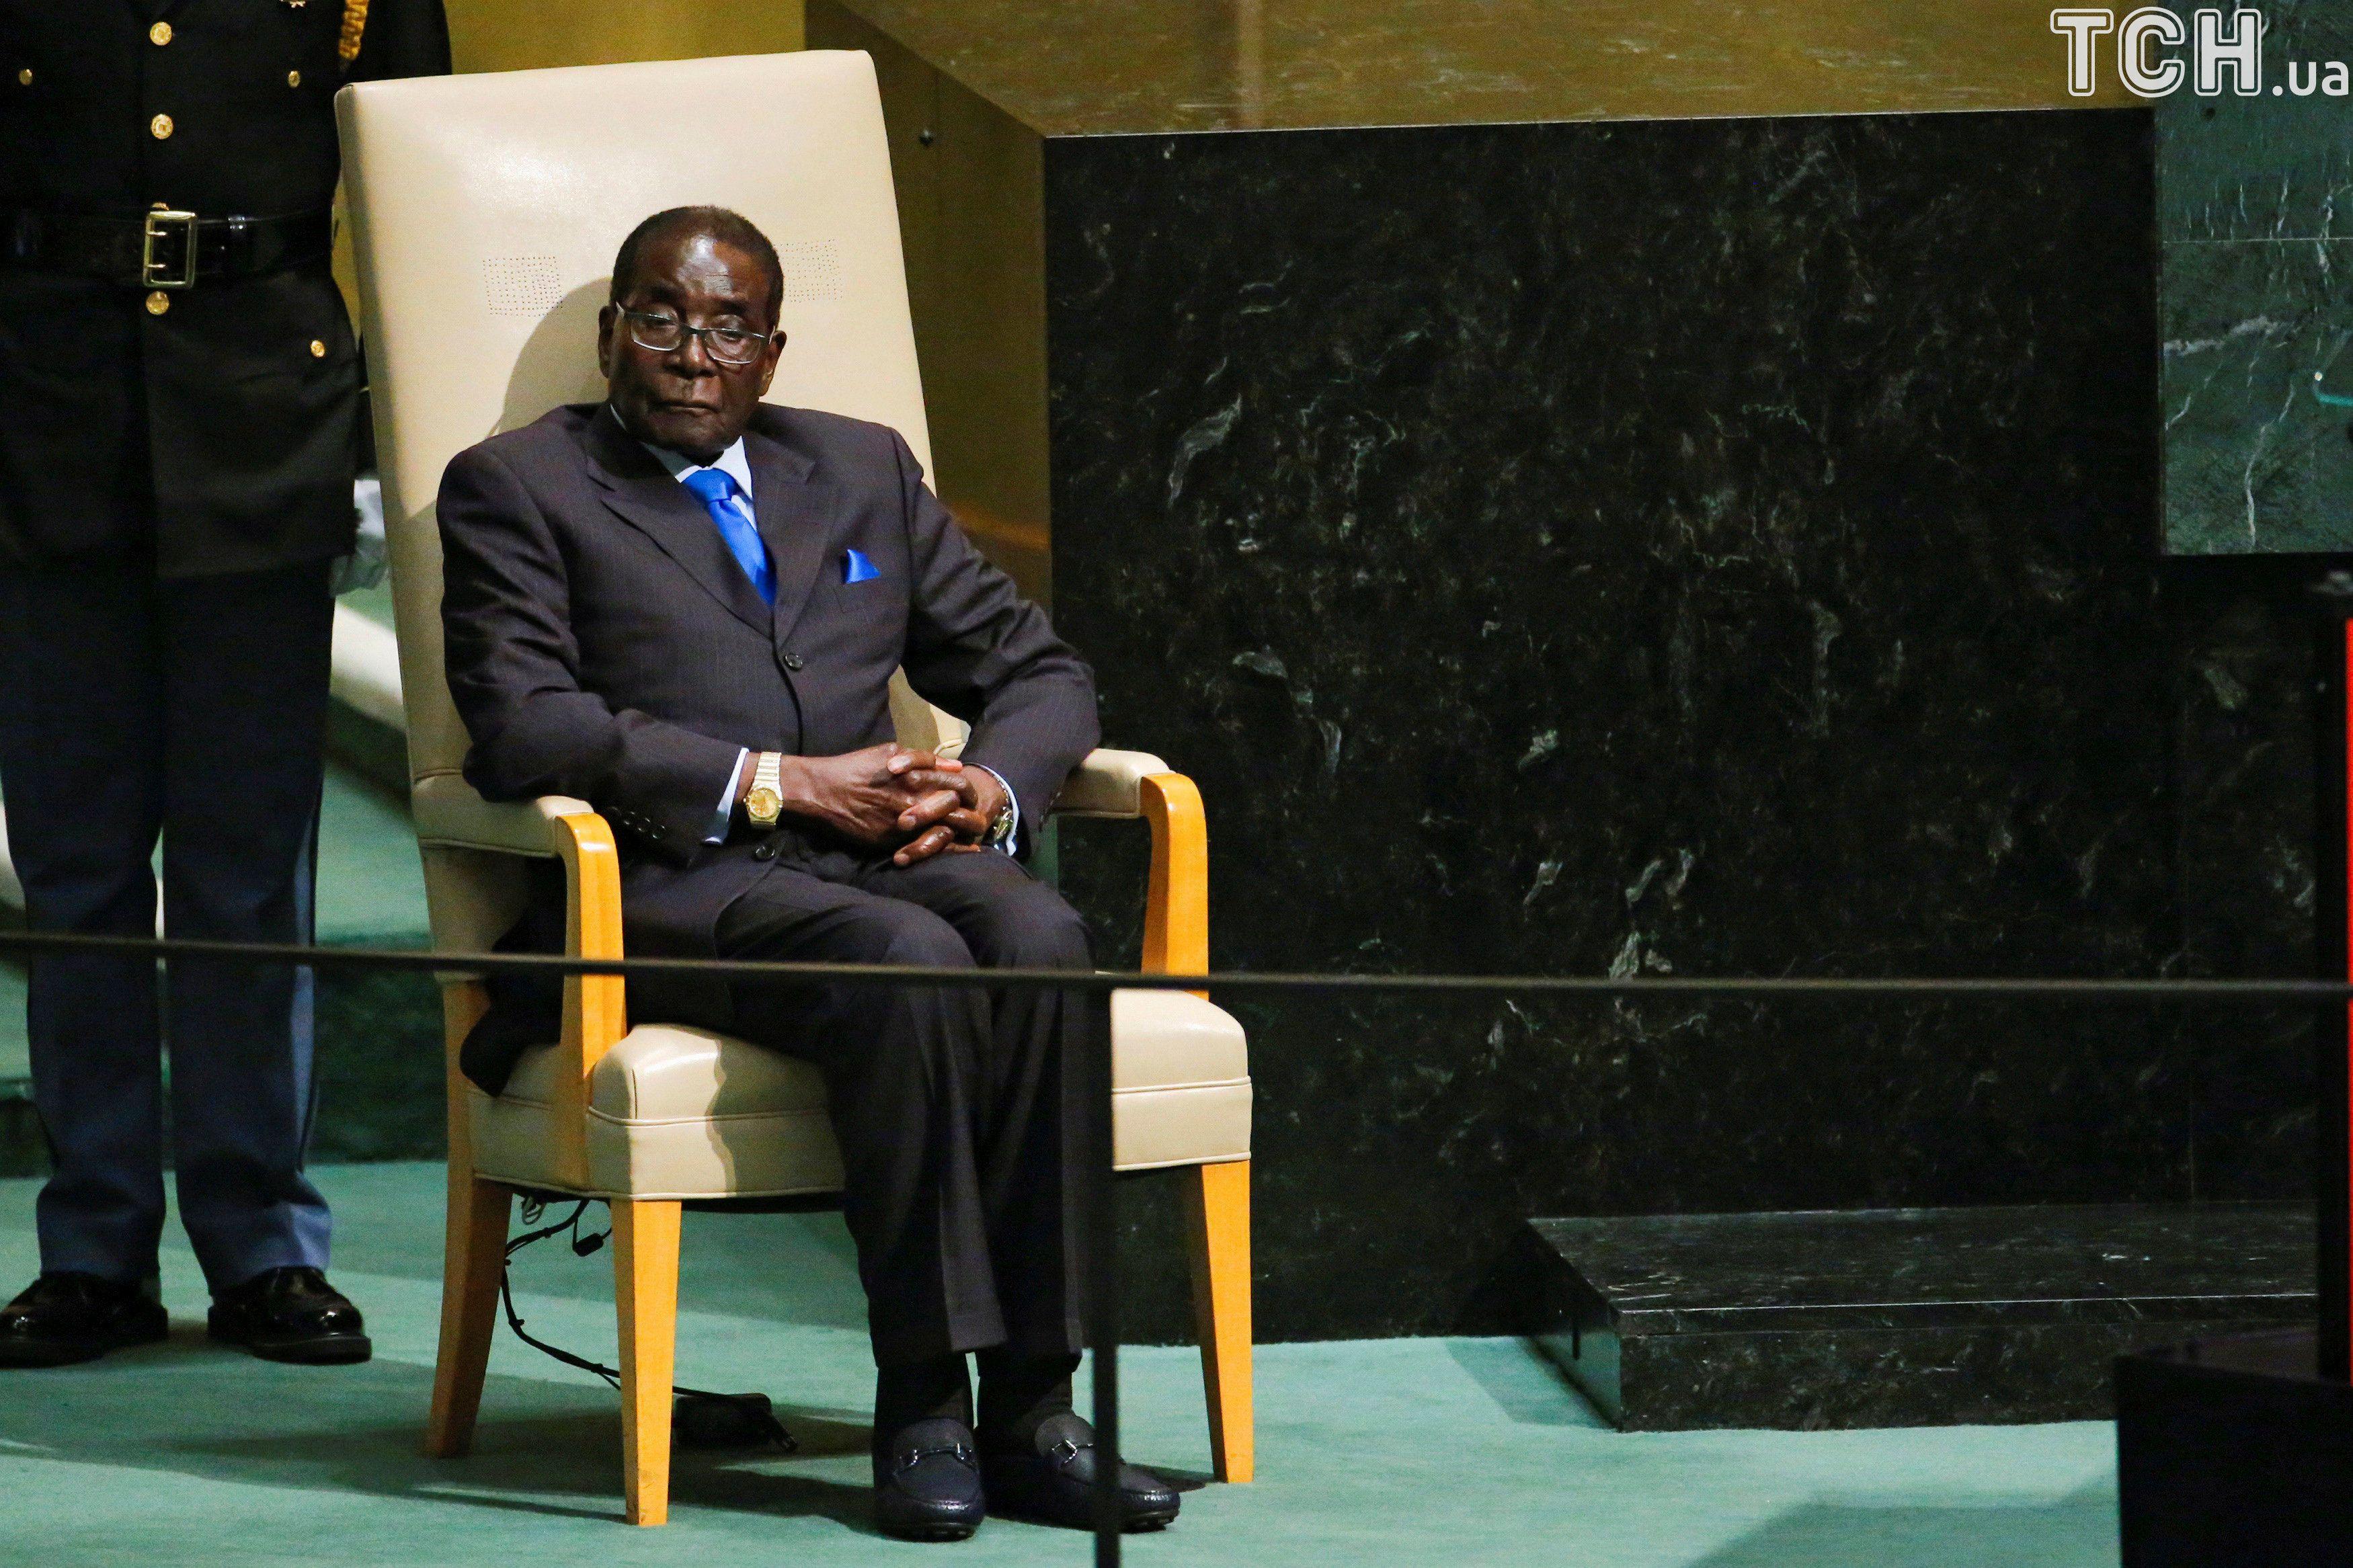 Военные вЗимбабве отправили «друга Путина» Мугабе под домашний арест